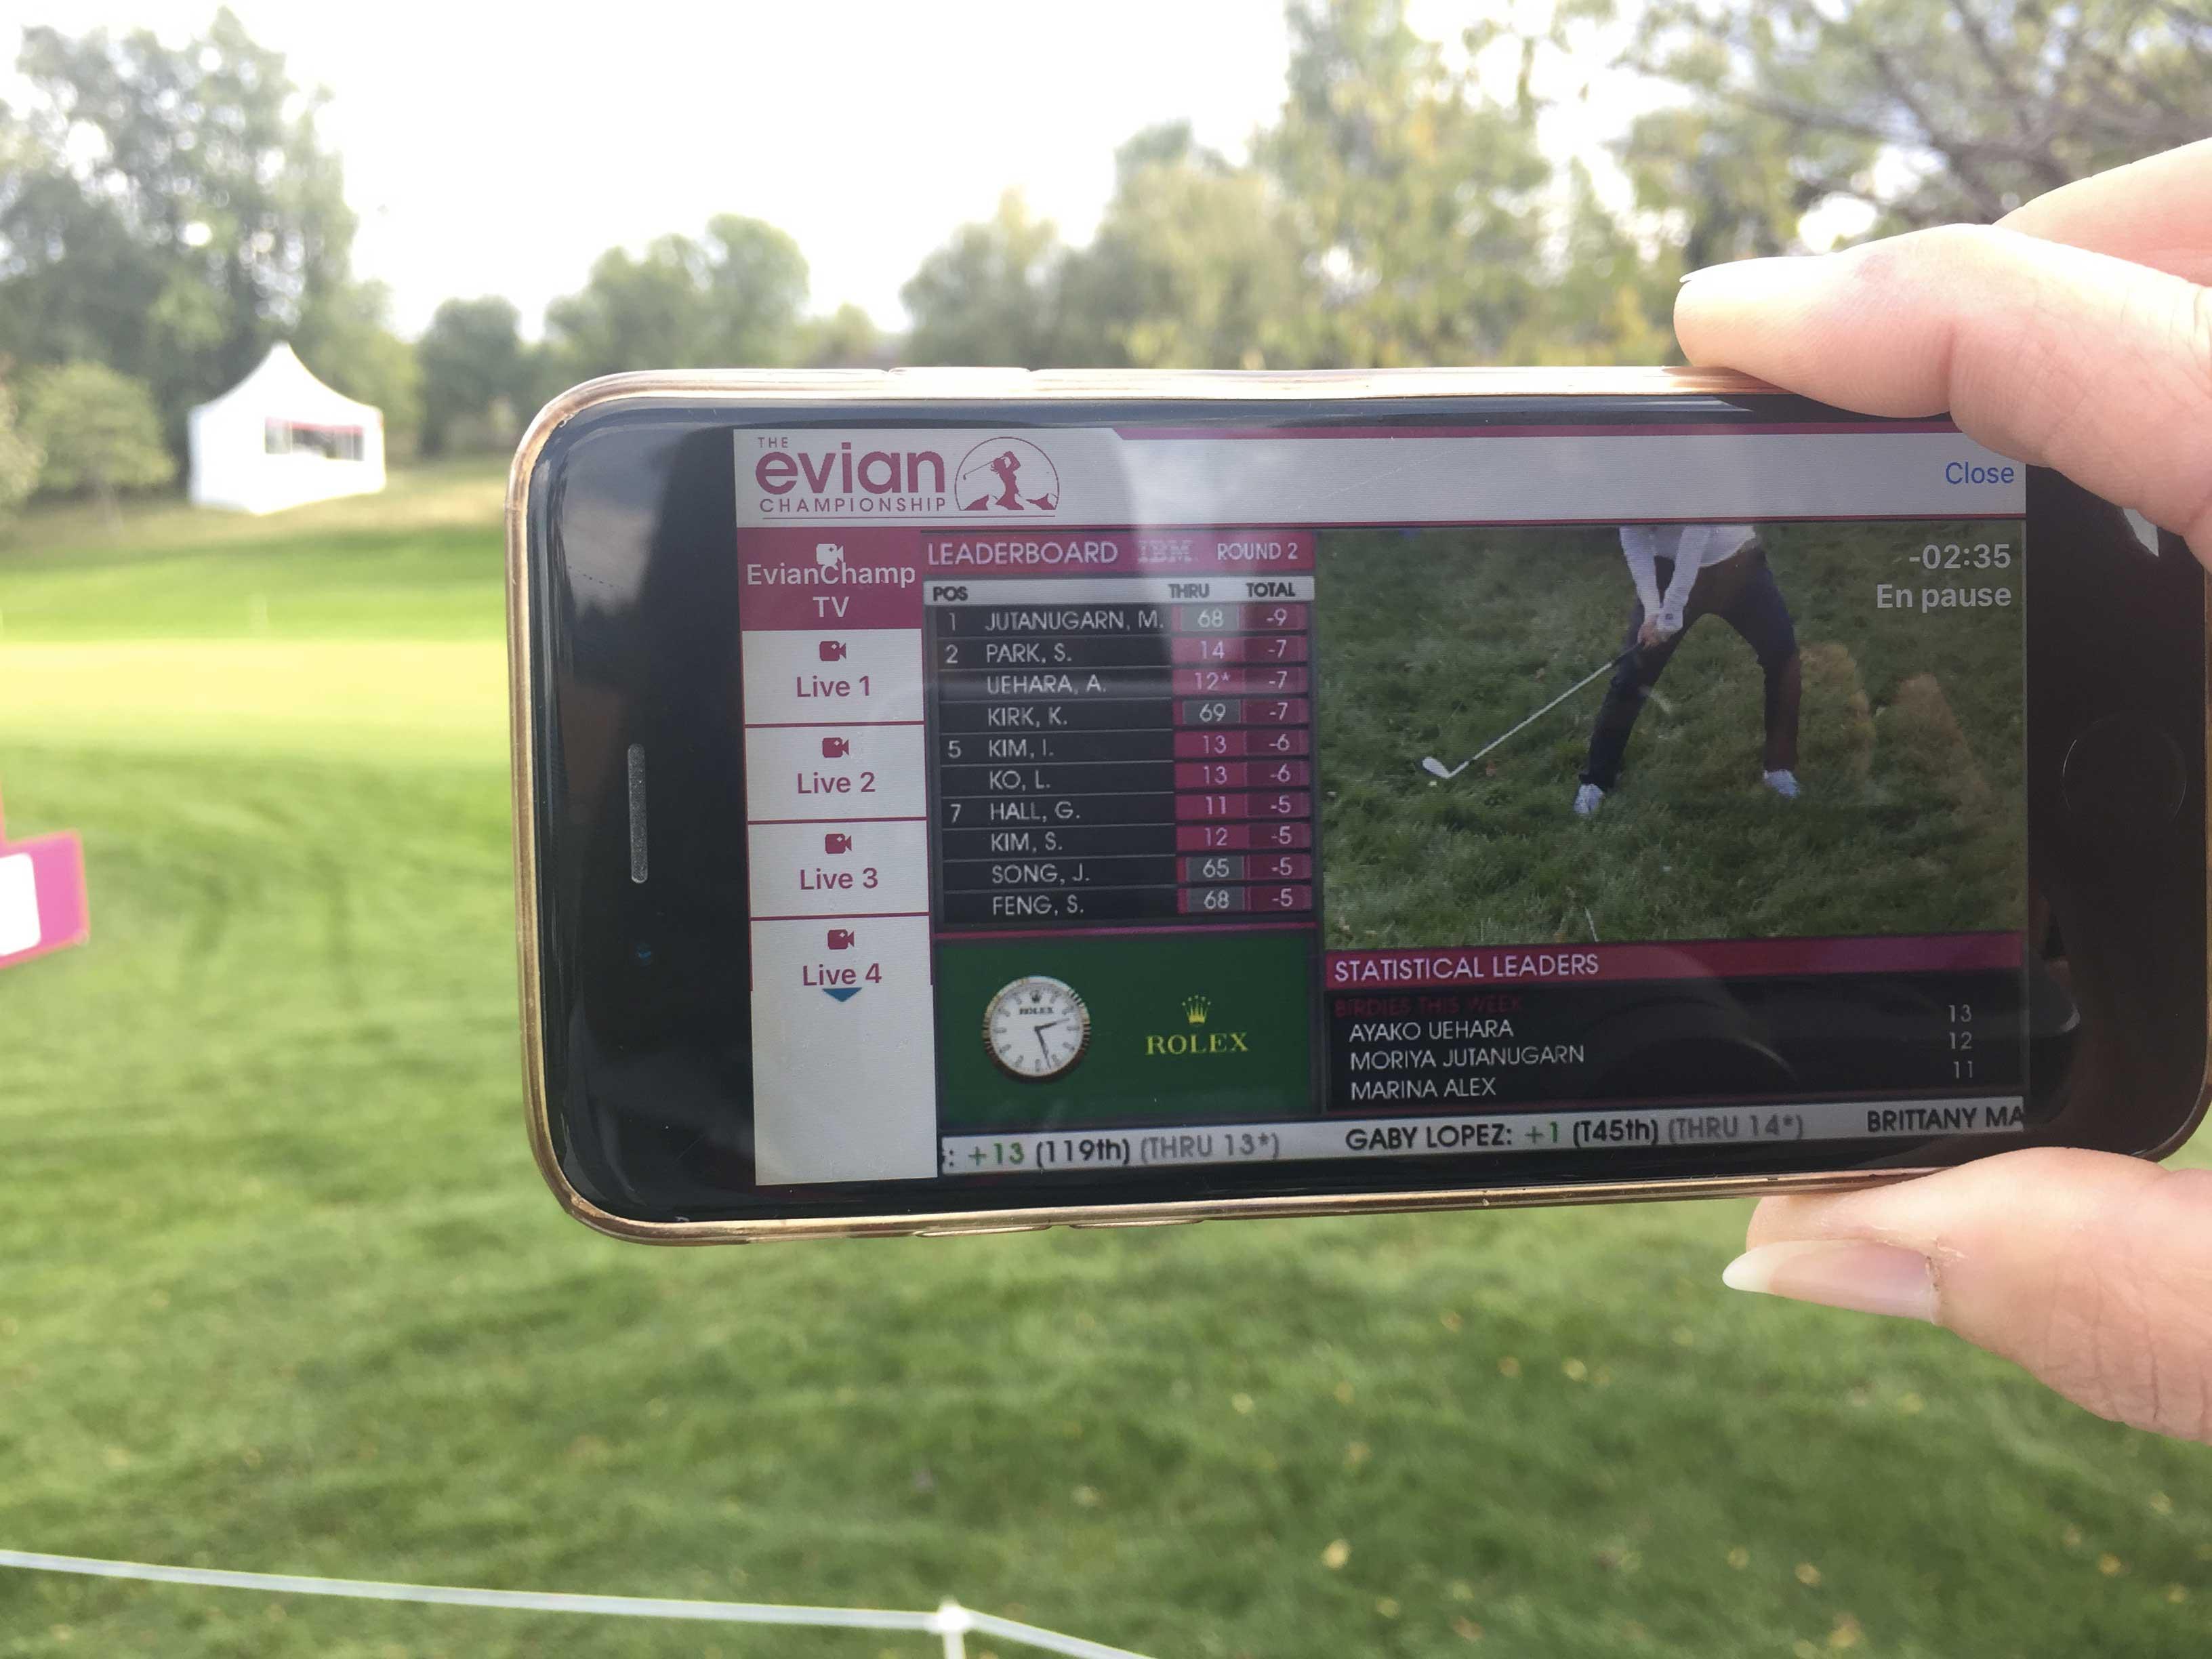 image arret sur image du sport golf sur telephone portable avec vogo group